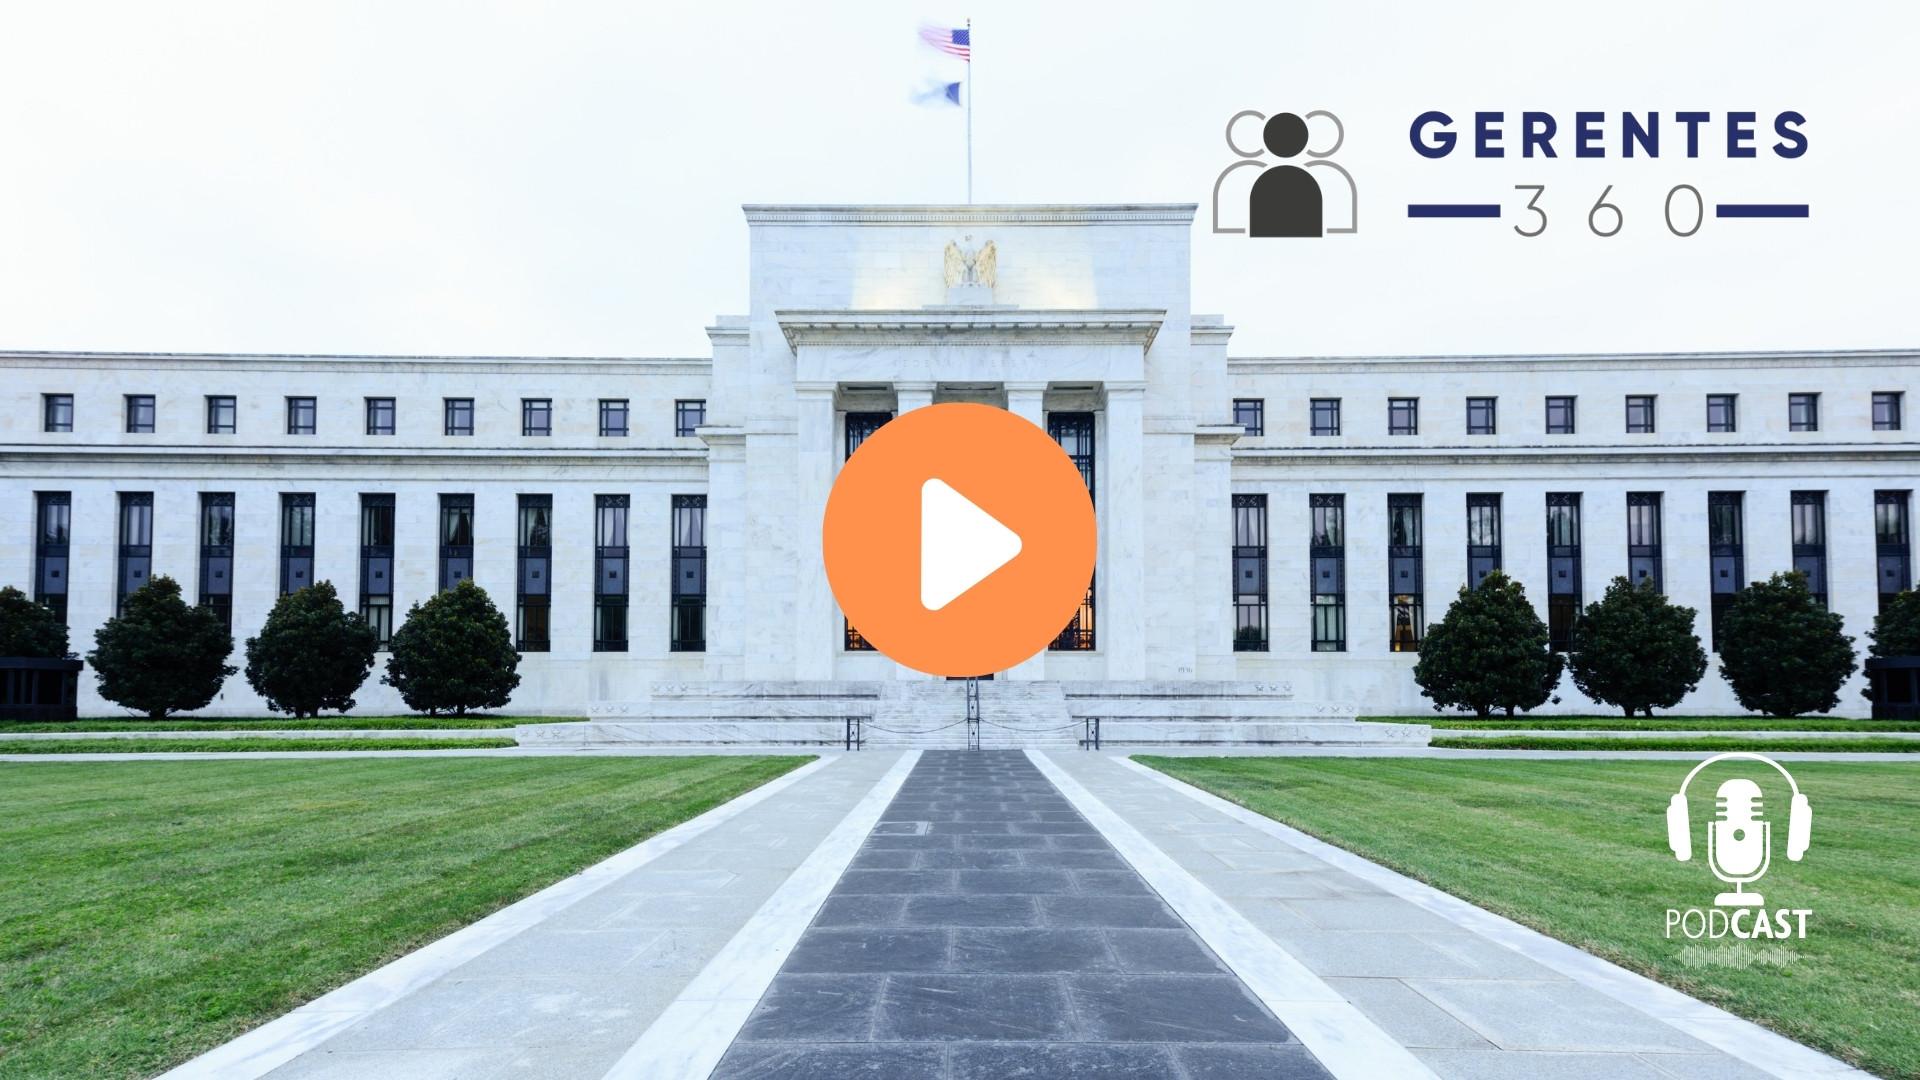 La Reserva Federal de los EE. UU. podría empezar a reducir los estímulos económicos y Apple no permitirá el reingreso de Epic a su App Store